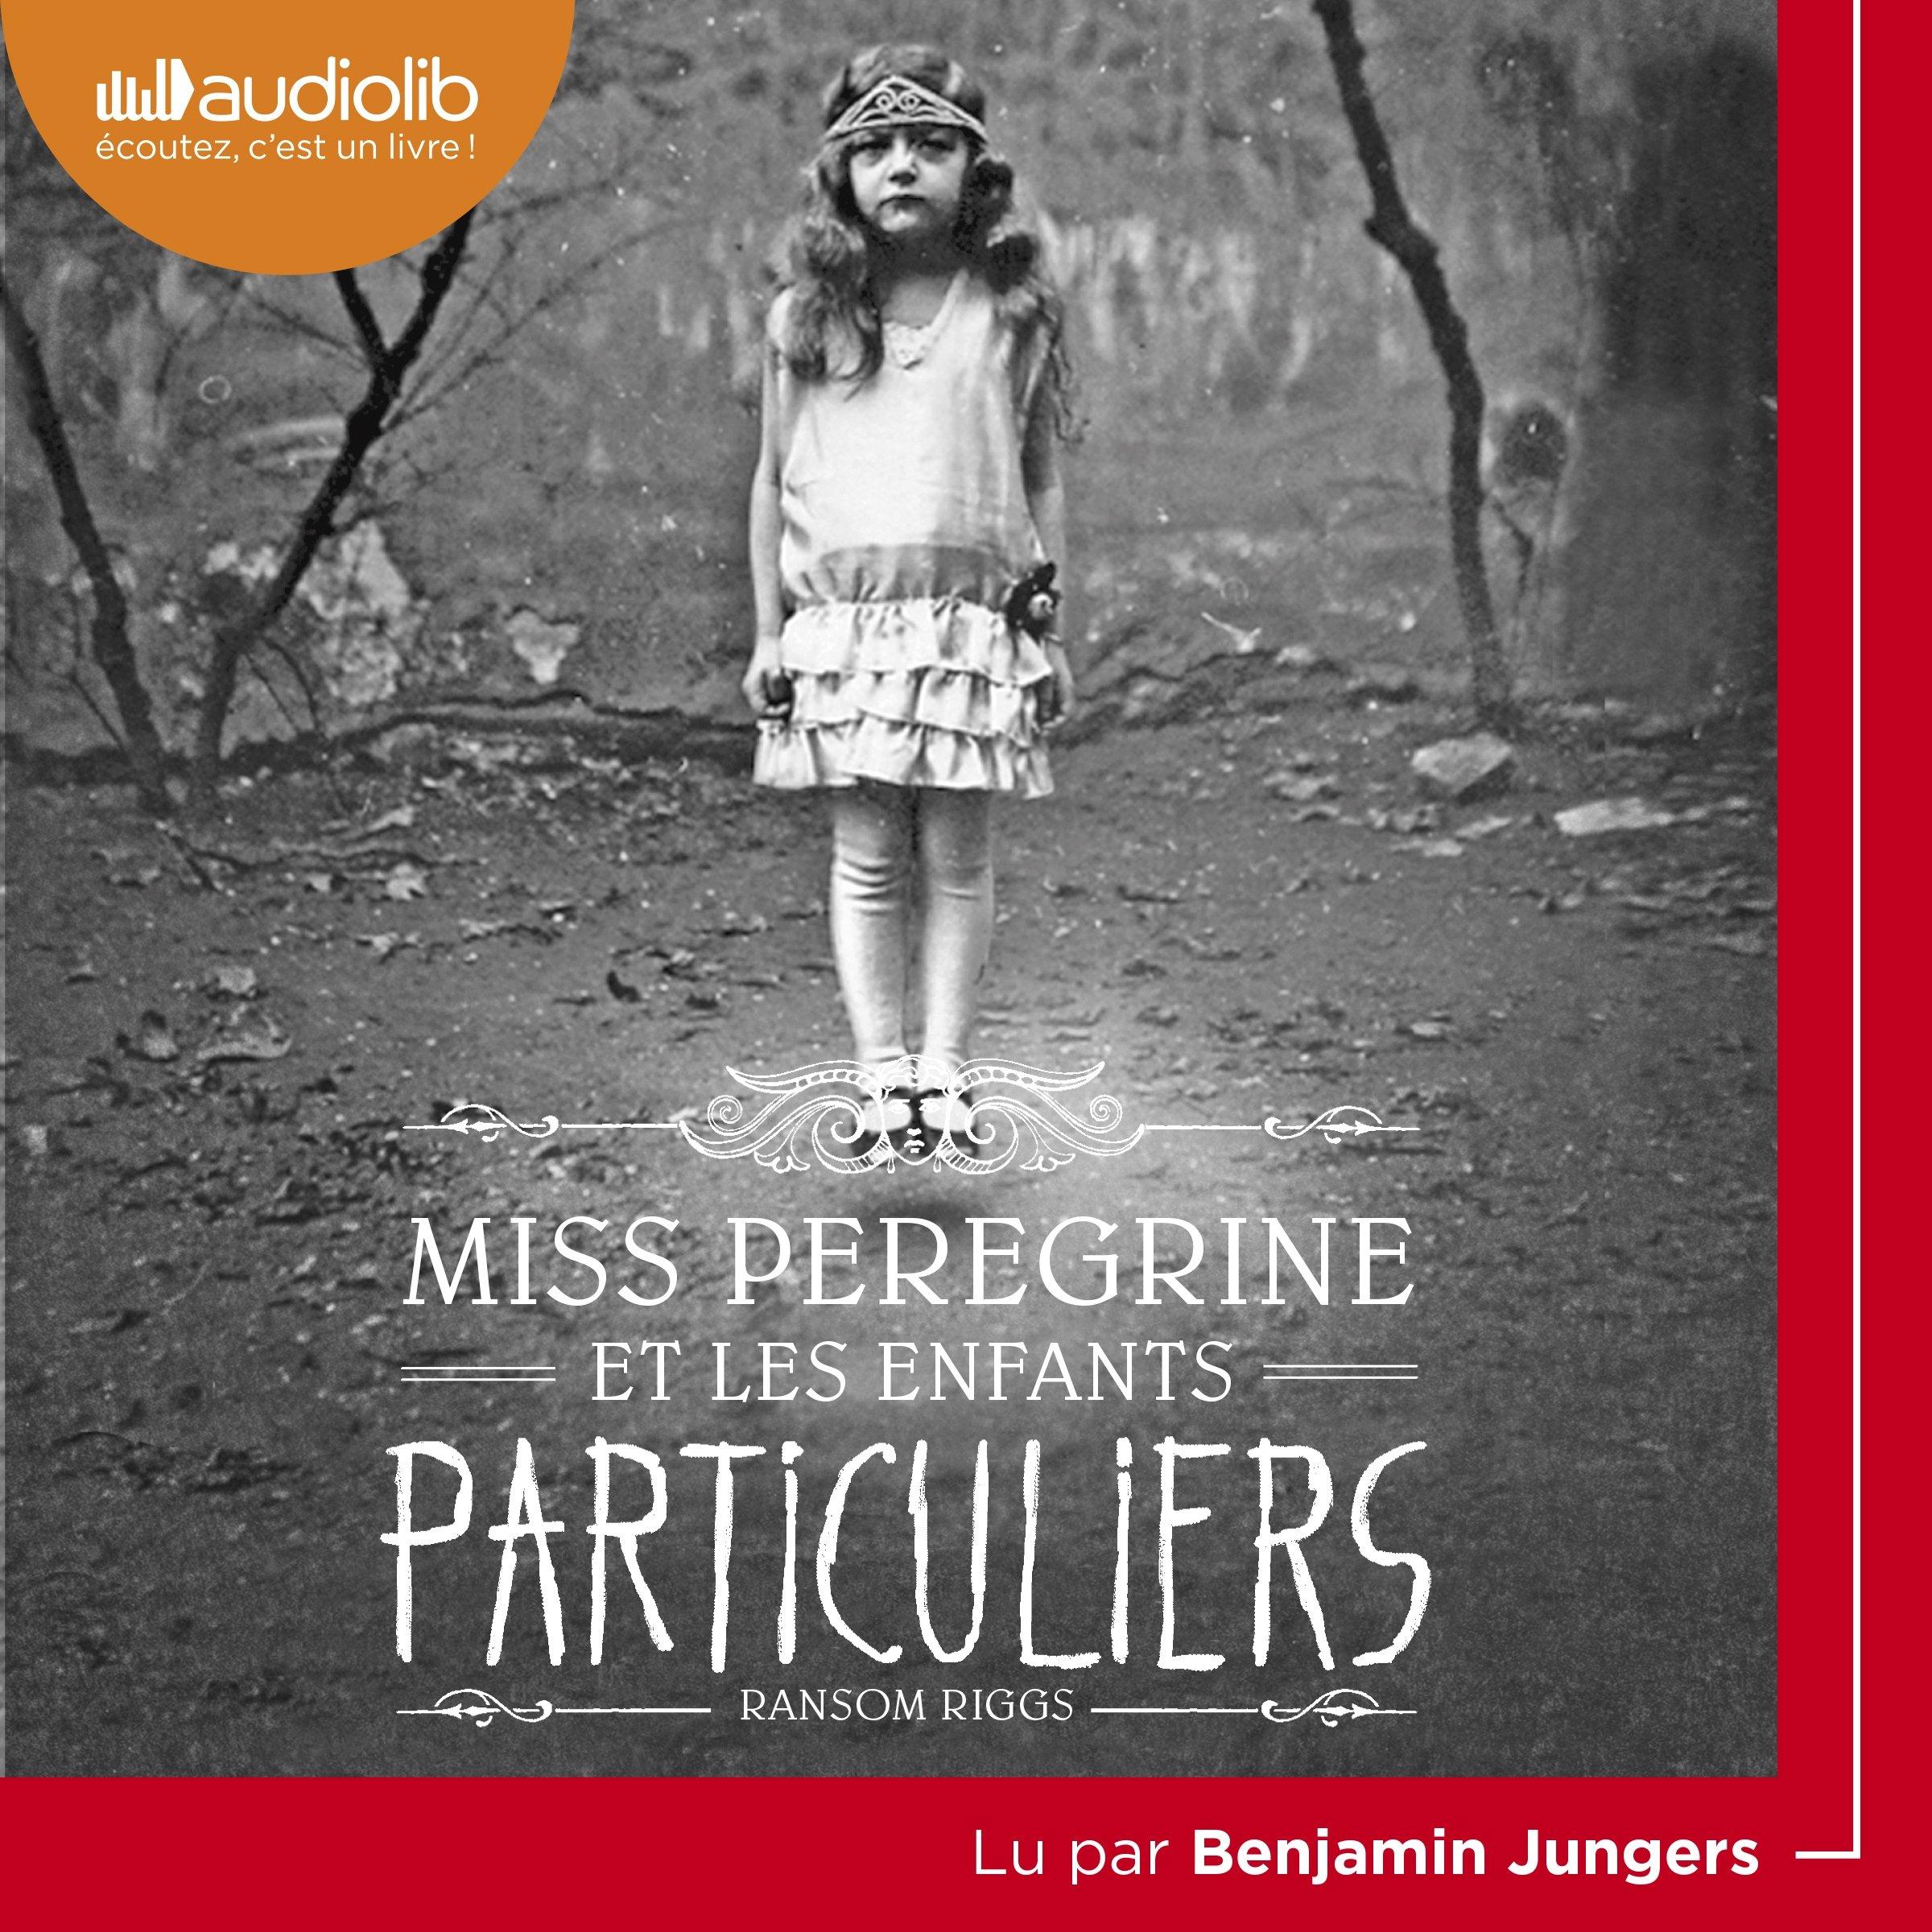 Miss Peregrine et les enfants particuliers: Miss Peregrine et les enfants particuliers 1